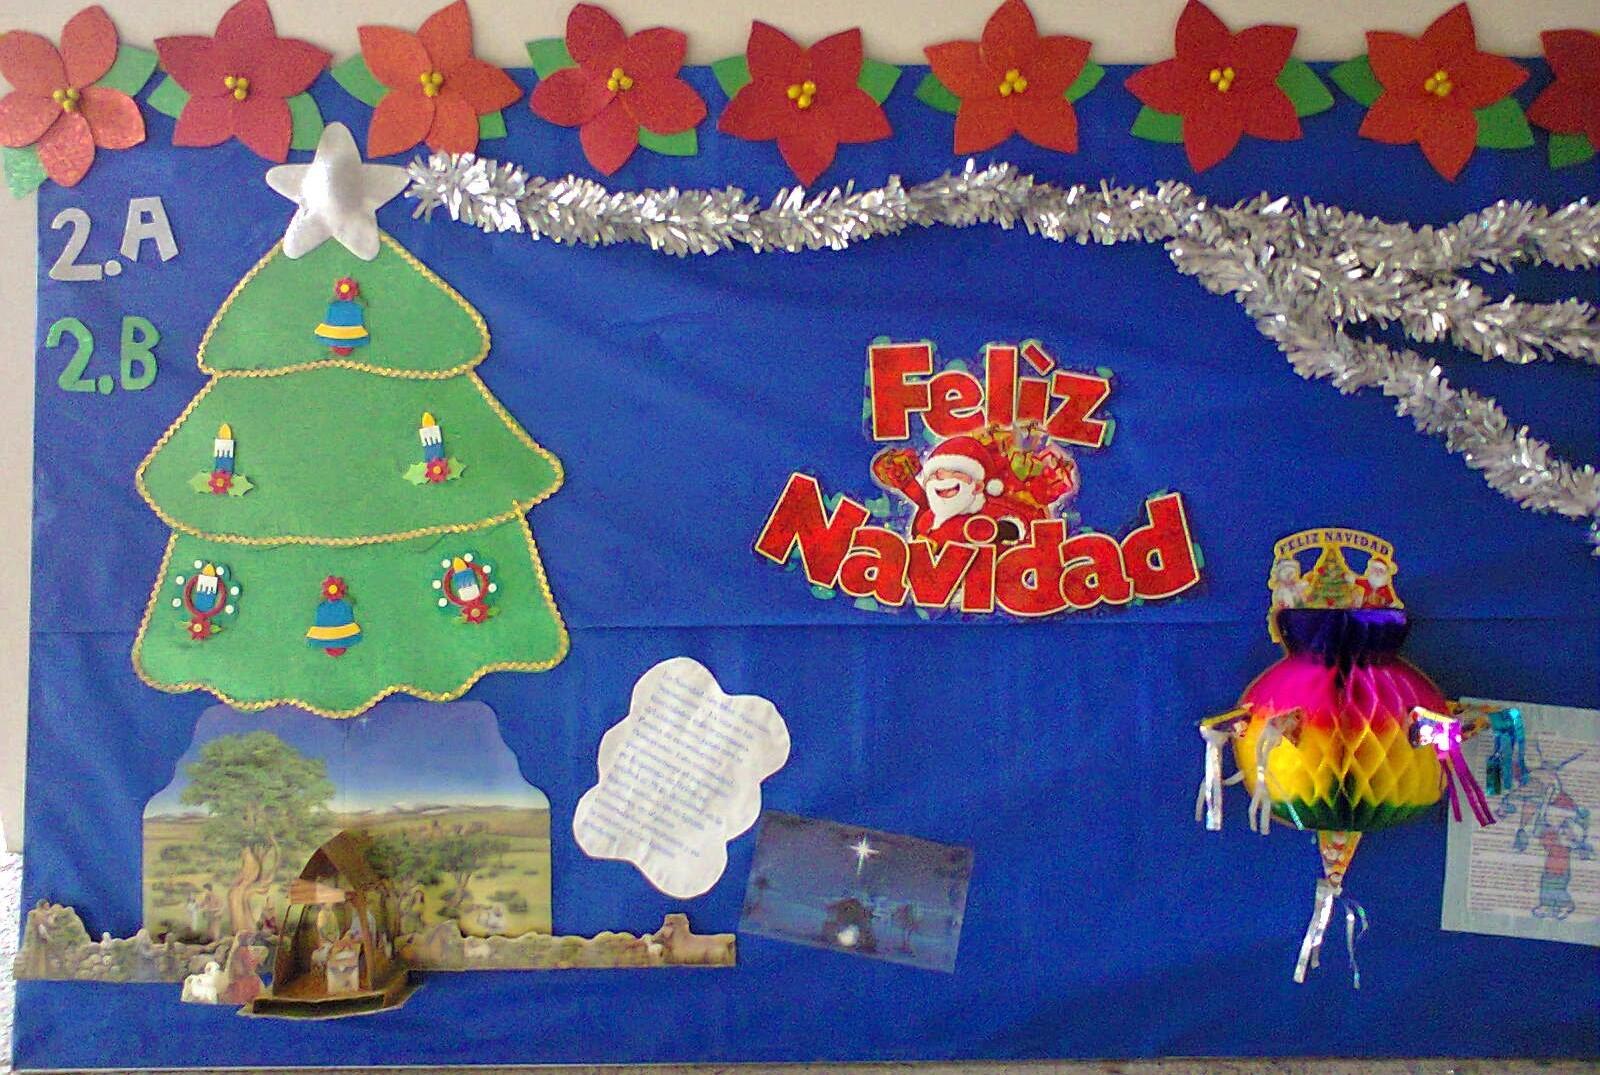 Periodico mural diciembre 7 imagenes educativas for Como elaborar un periodico mural